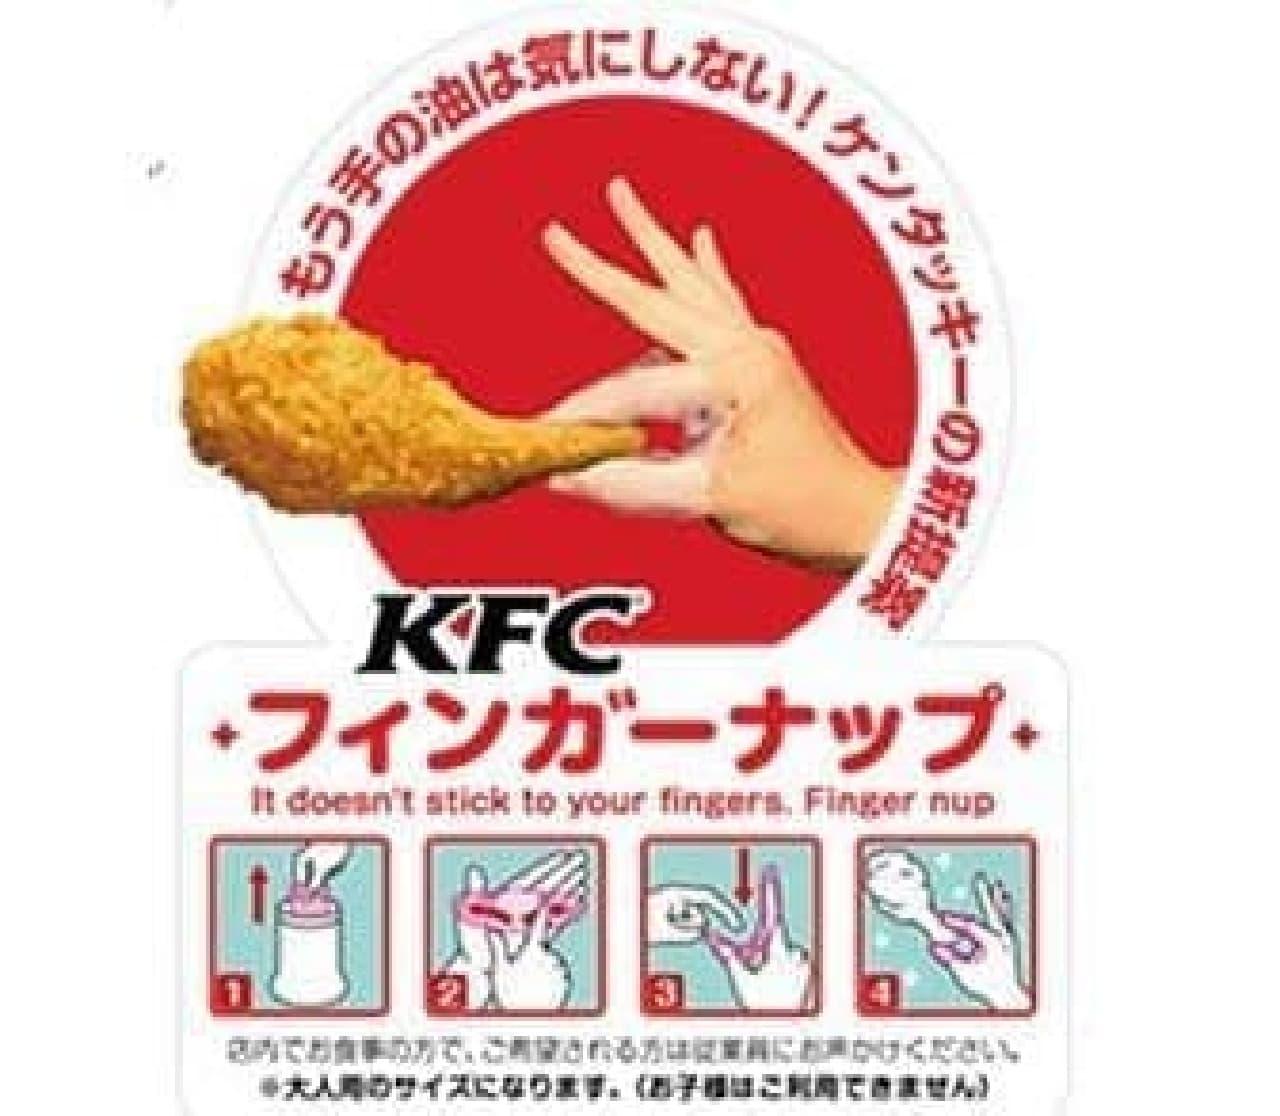 ケンタッキー、チキン用指手袋「フィンガーナップ」を222店舗で導入